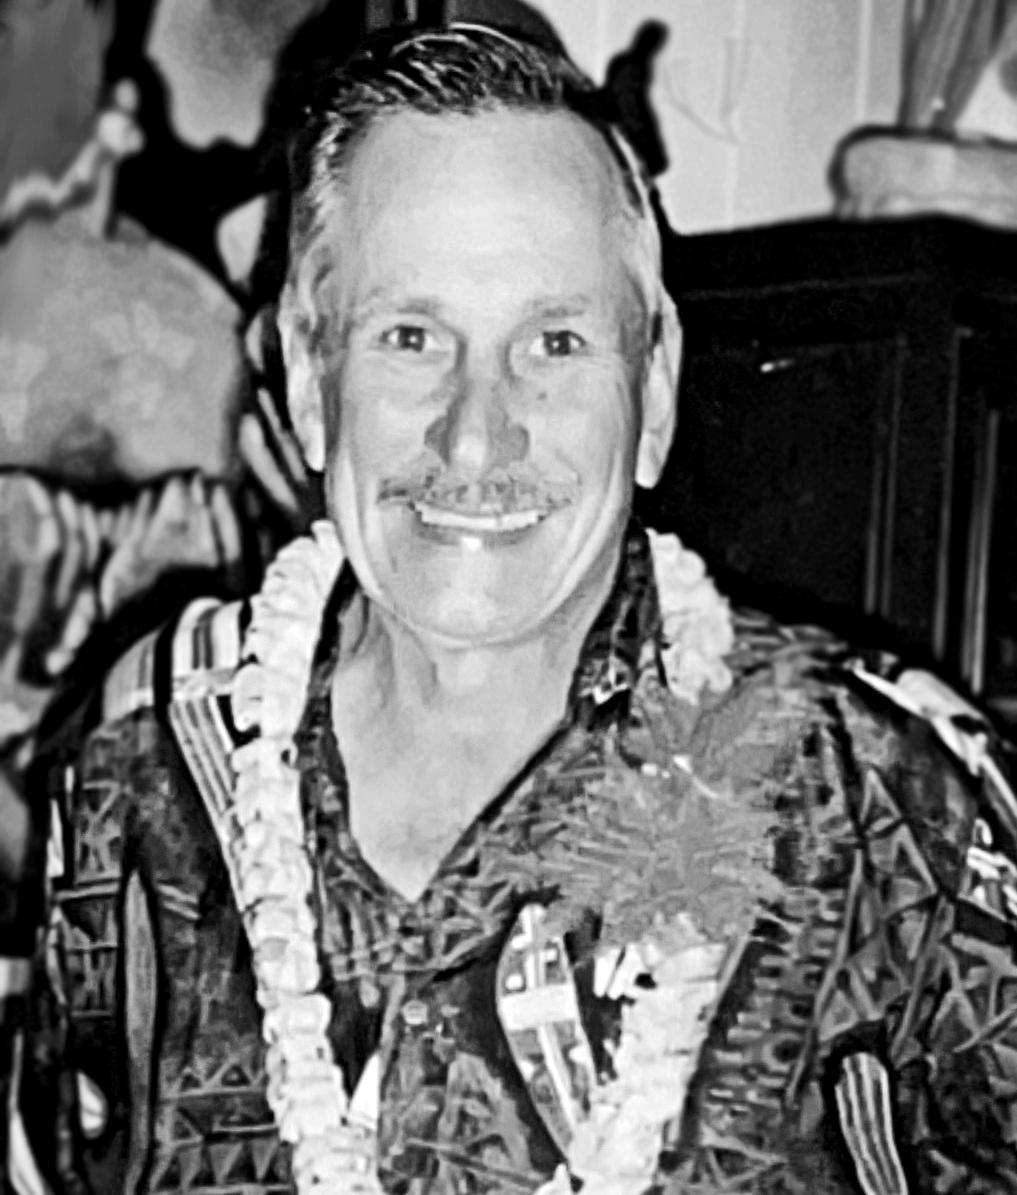 ROBERT HANS MODEROW, SR.